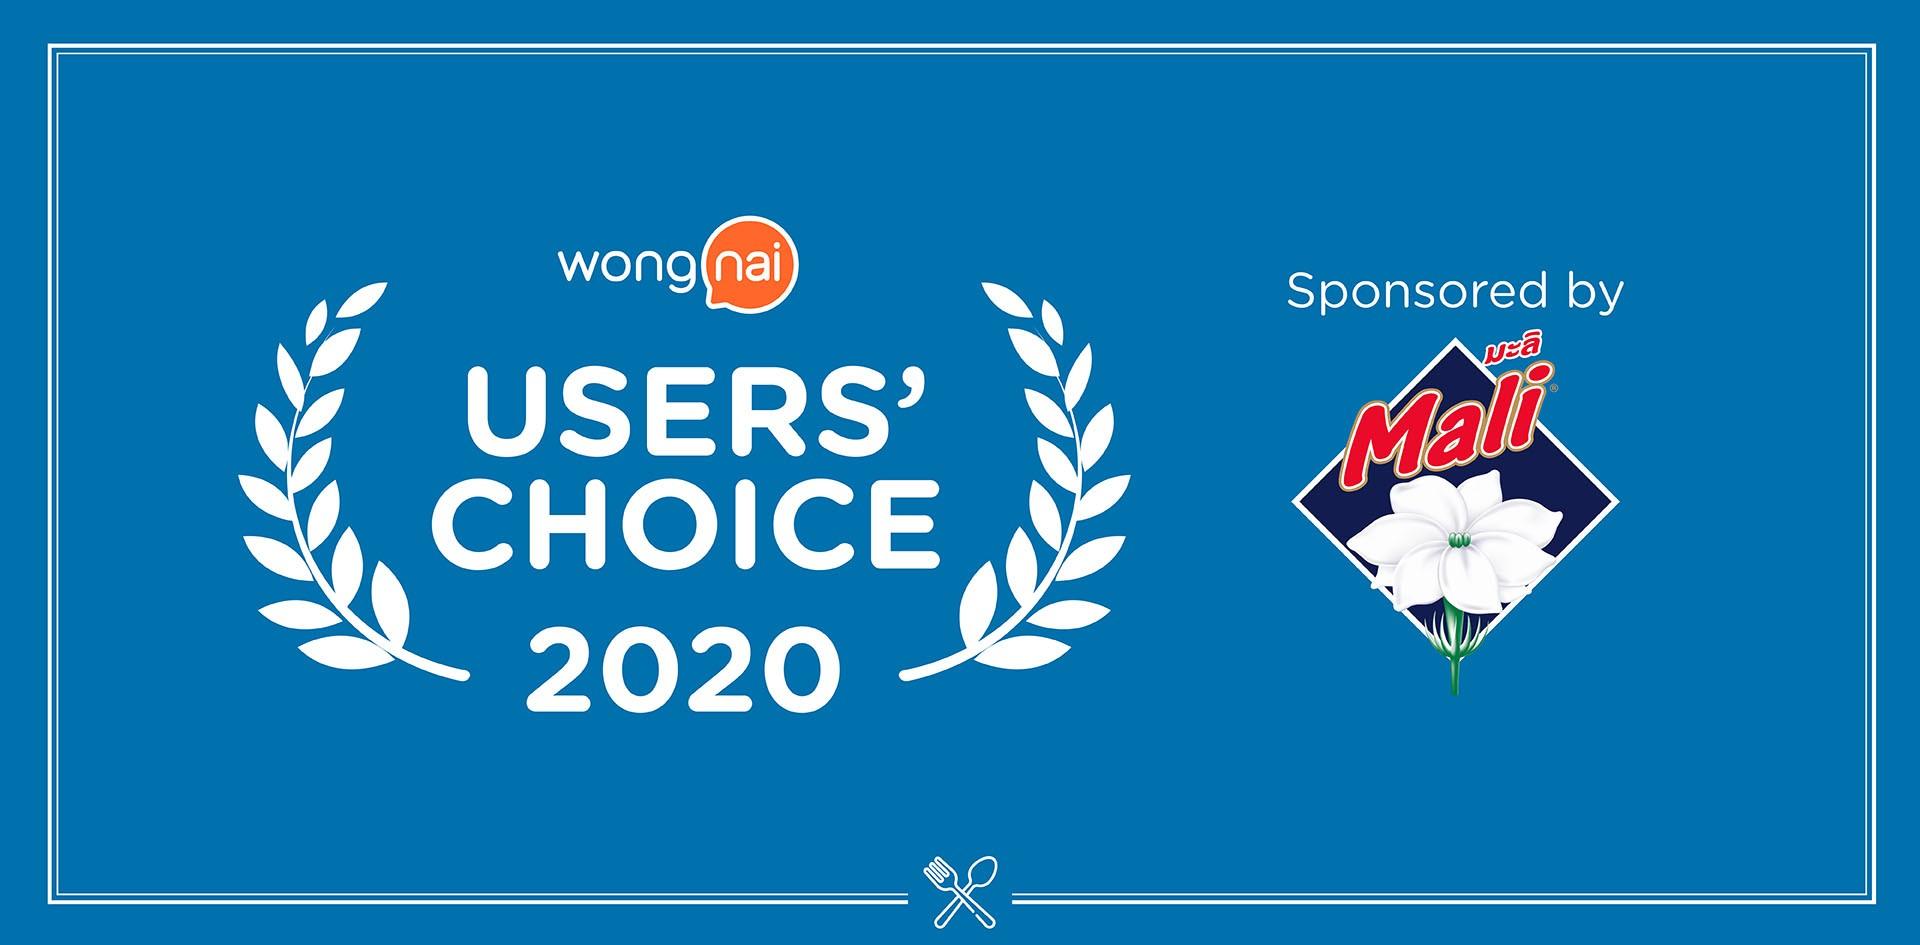 8 เรื่องต้องรู้ เกี่ยวกับ Wongnai Users' Choice 2020